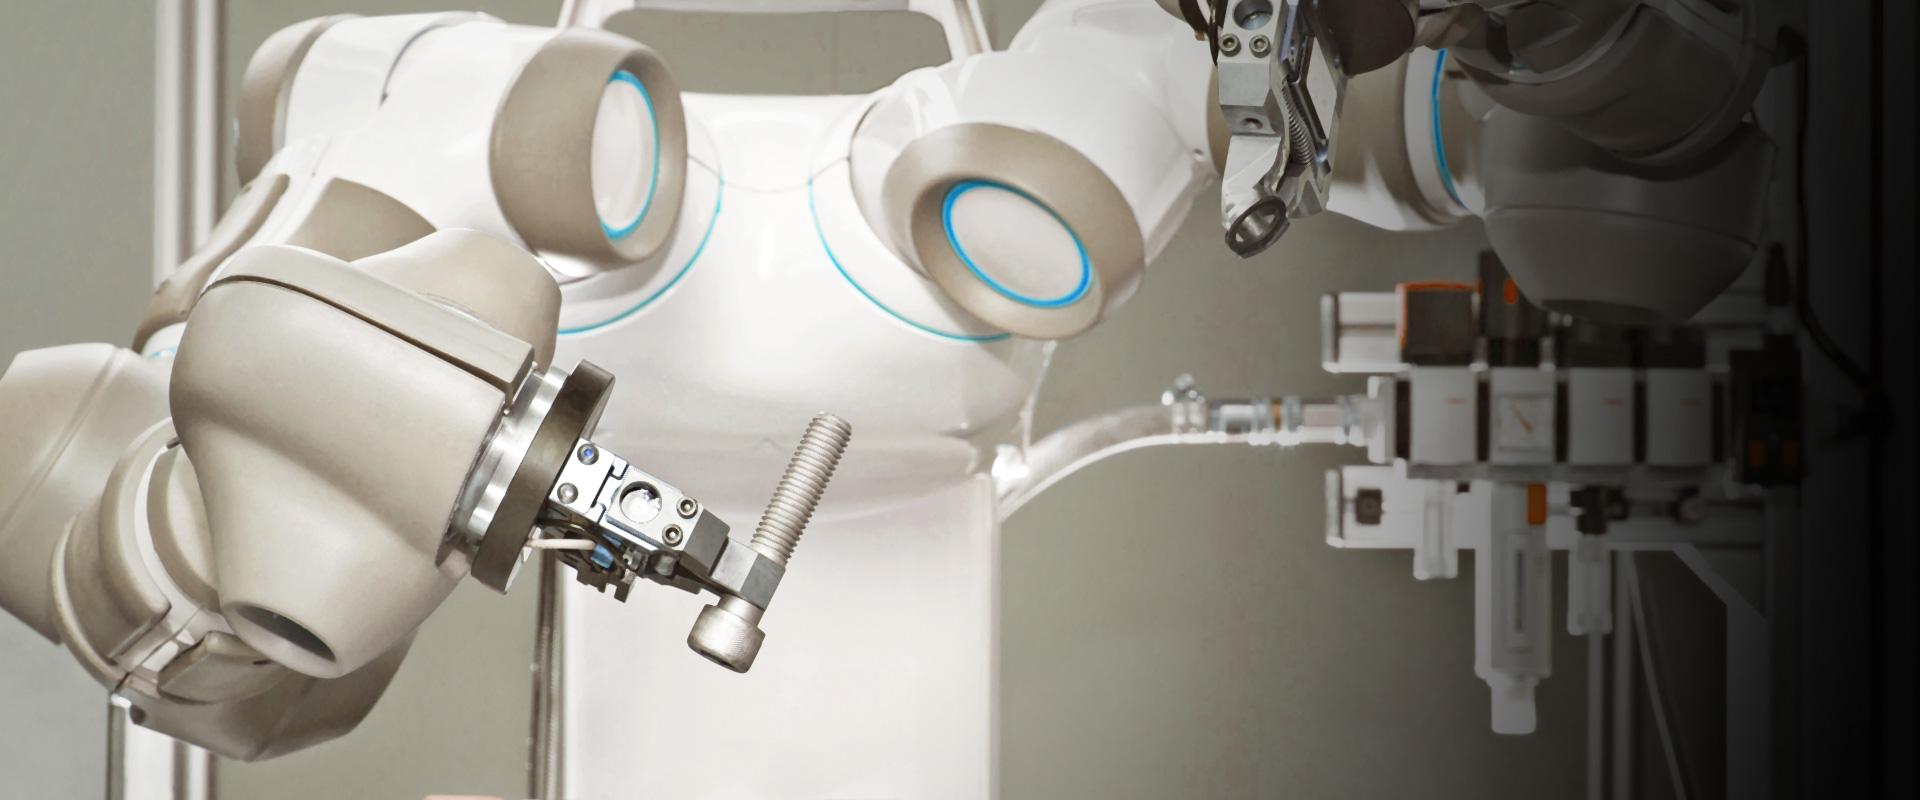 MERIDIES injection plastique et robotique industrielle dans le sud de la France